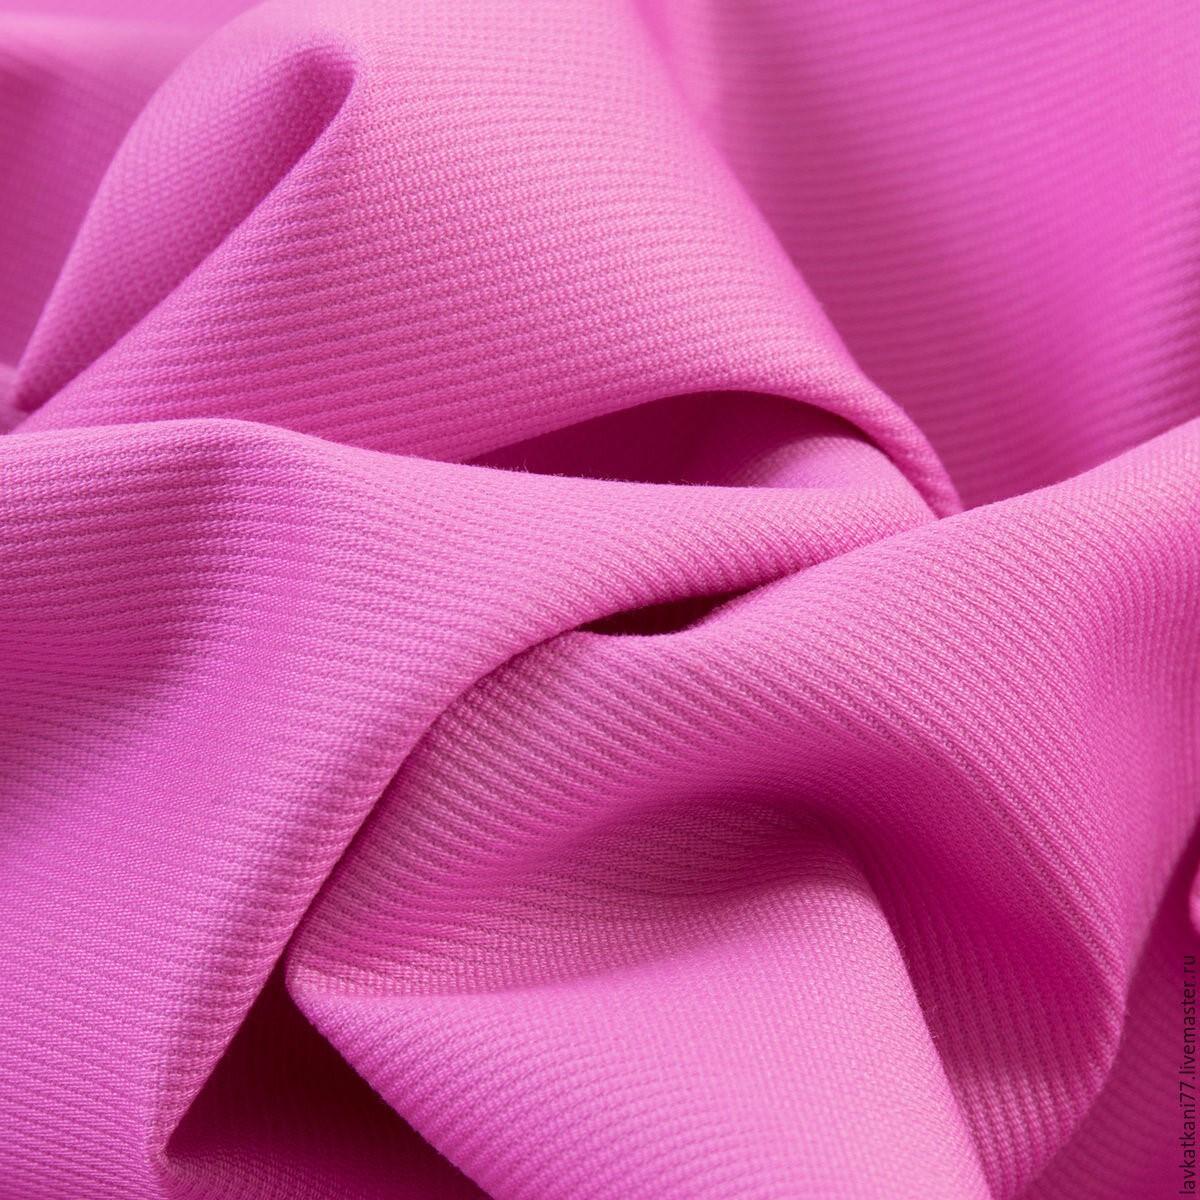 Лайт — всегда легкий по весу и нежный по фактуре. незаменимая ткань для самой жаркой погоды